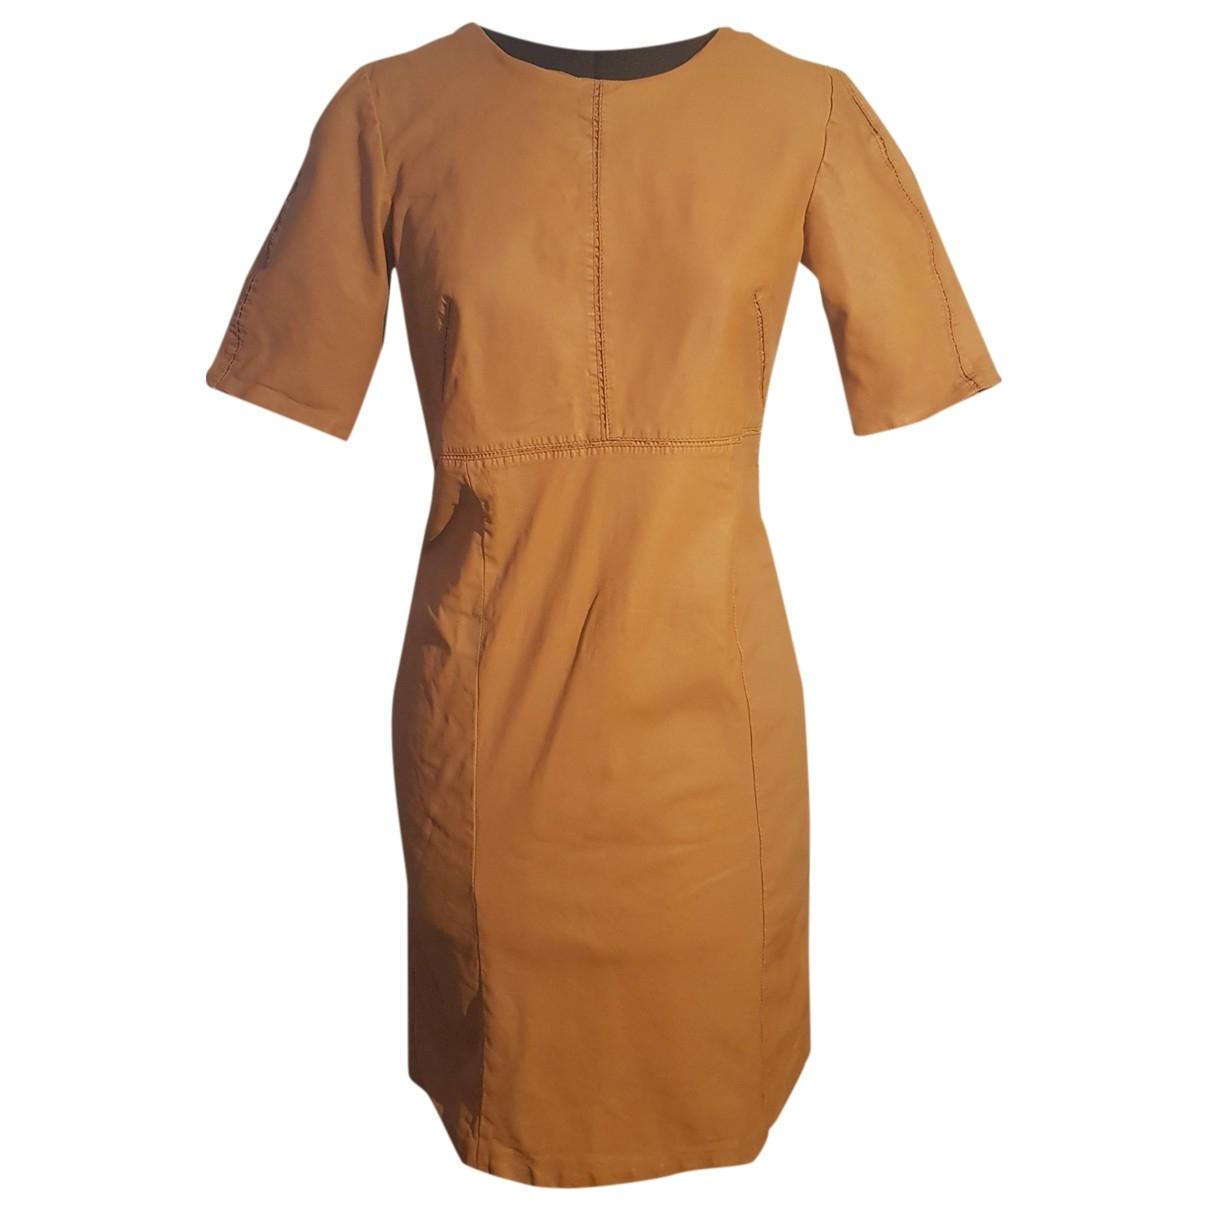 Stills Atelier \N Kleid in  Kamel Leder